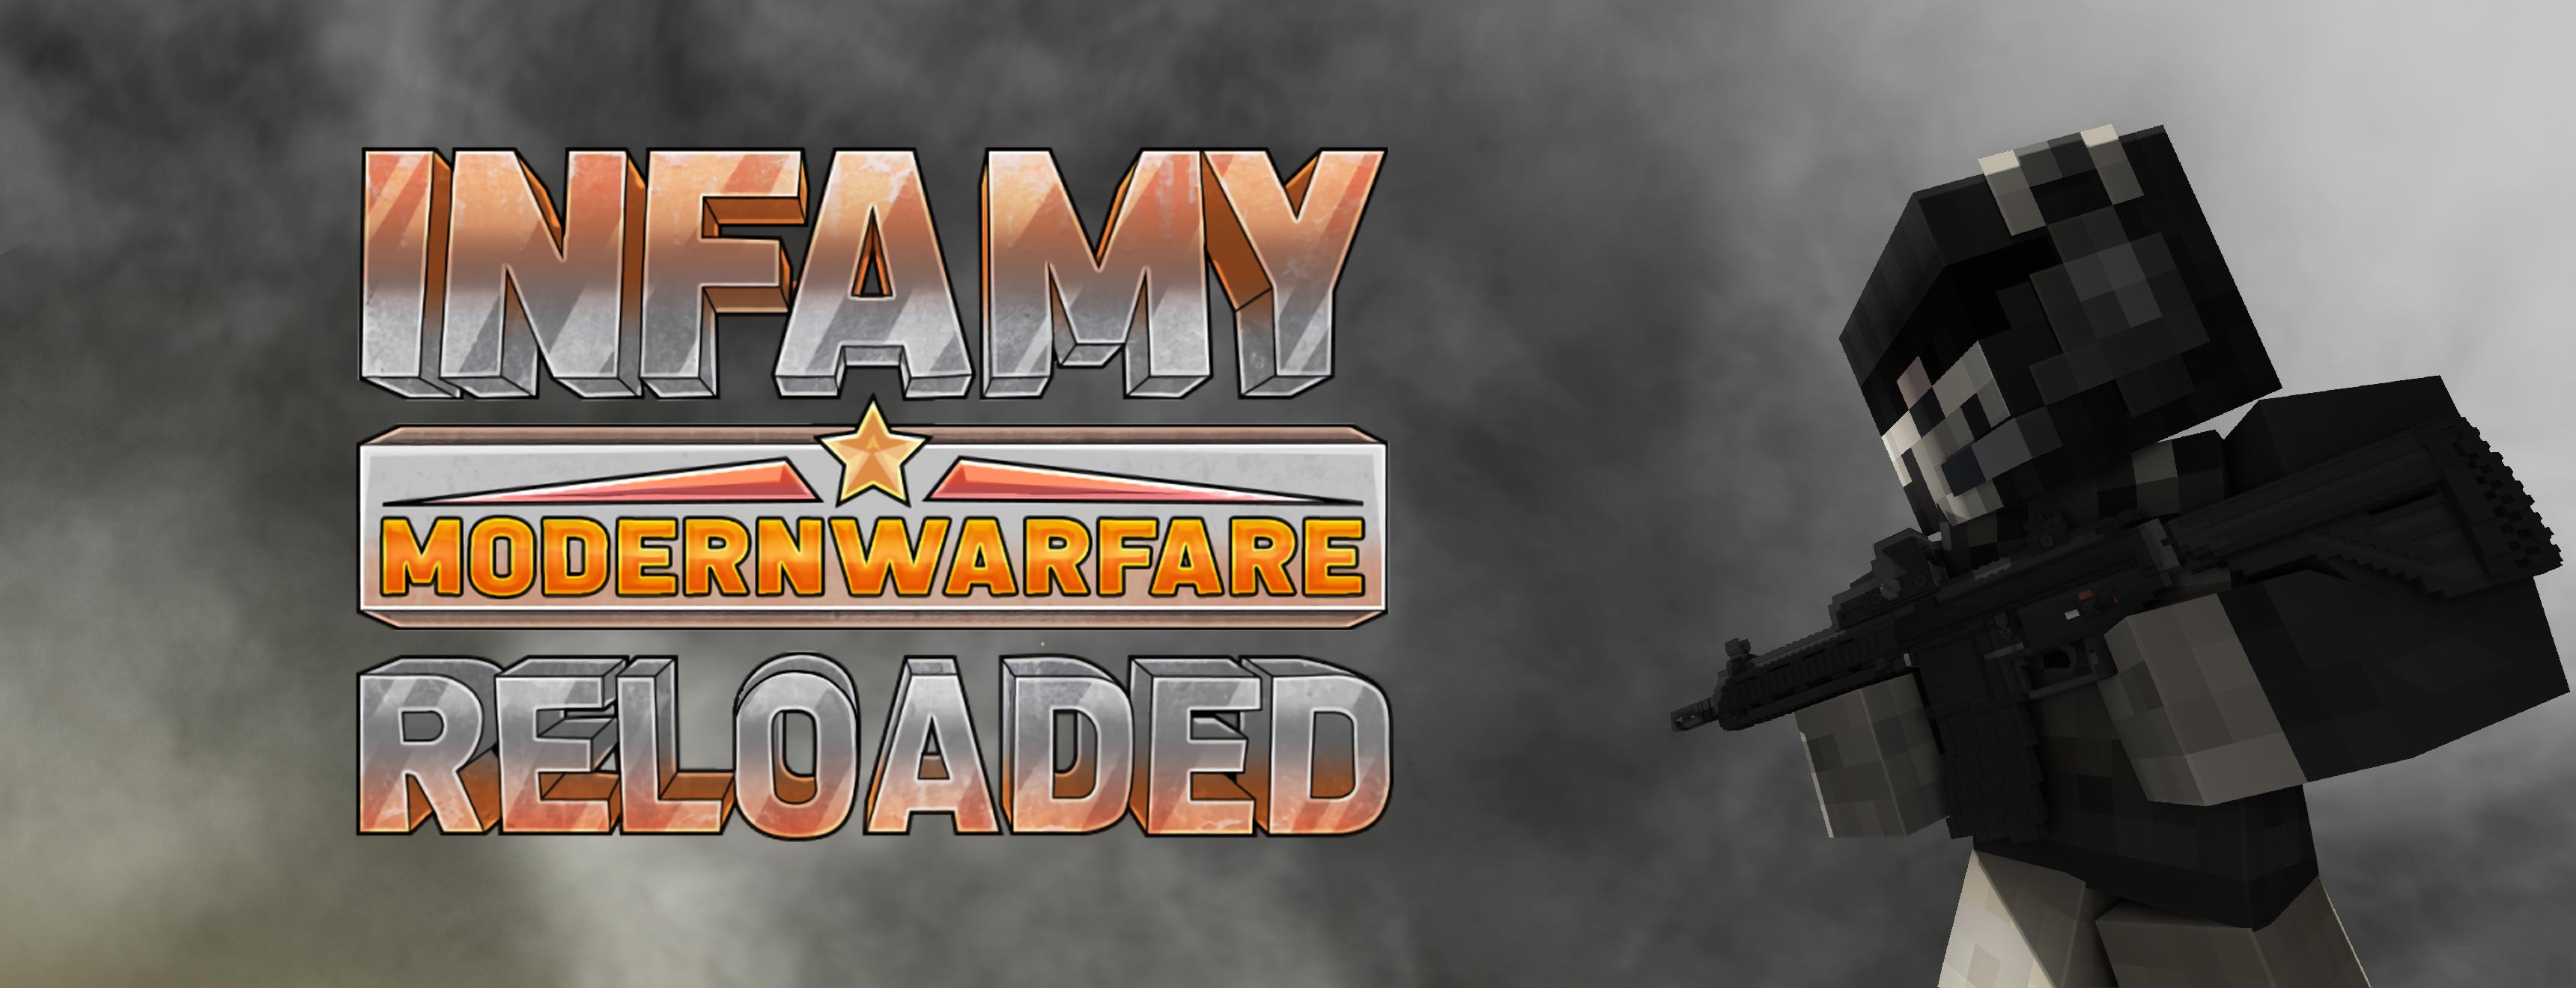 Infamy Reloaded Wiki Logo